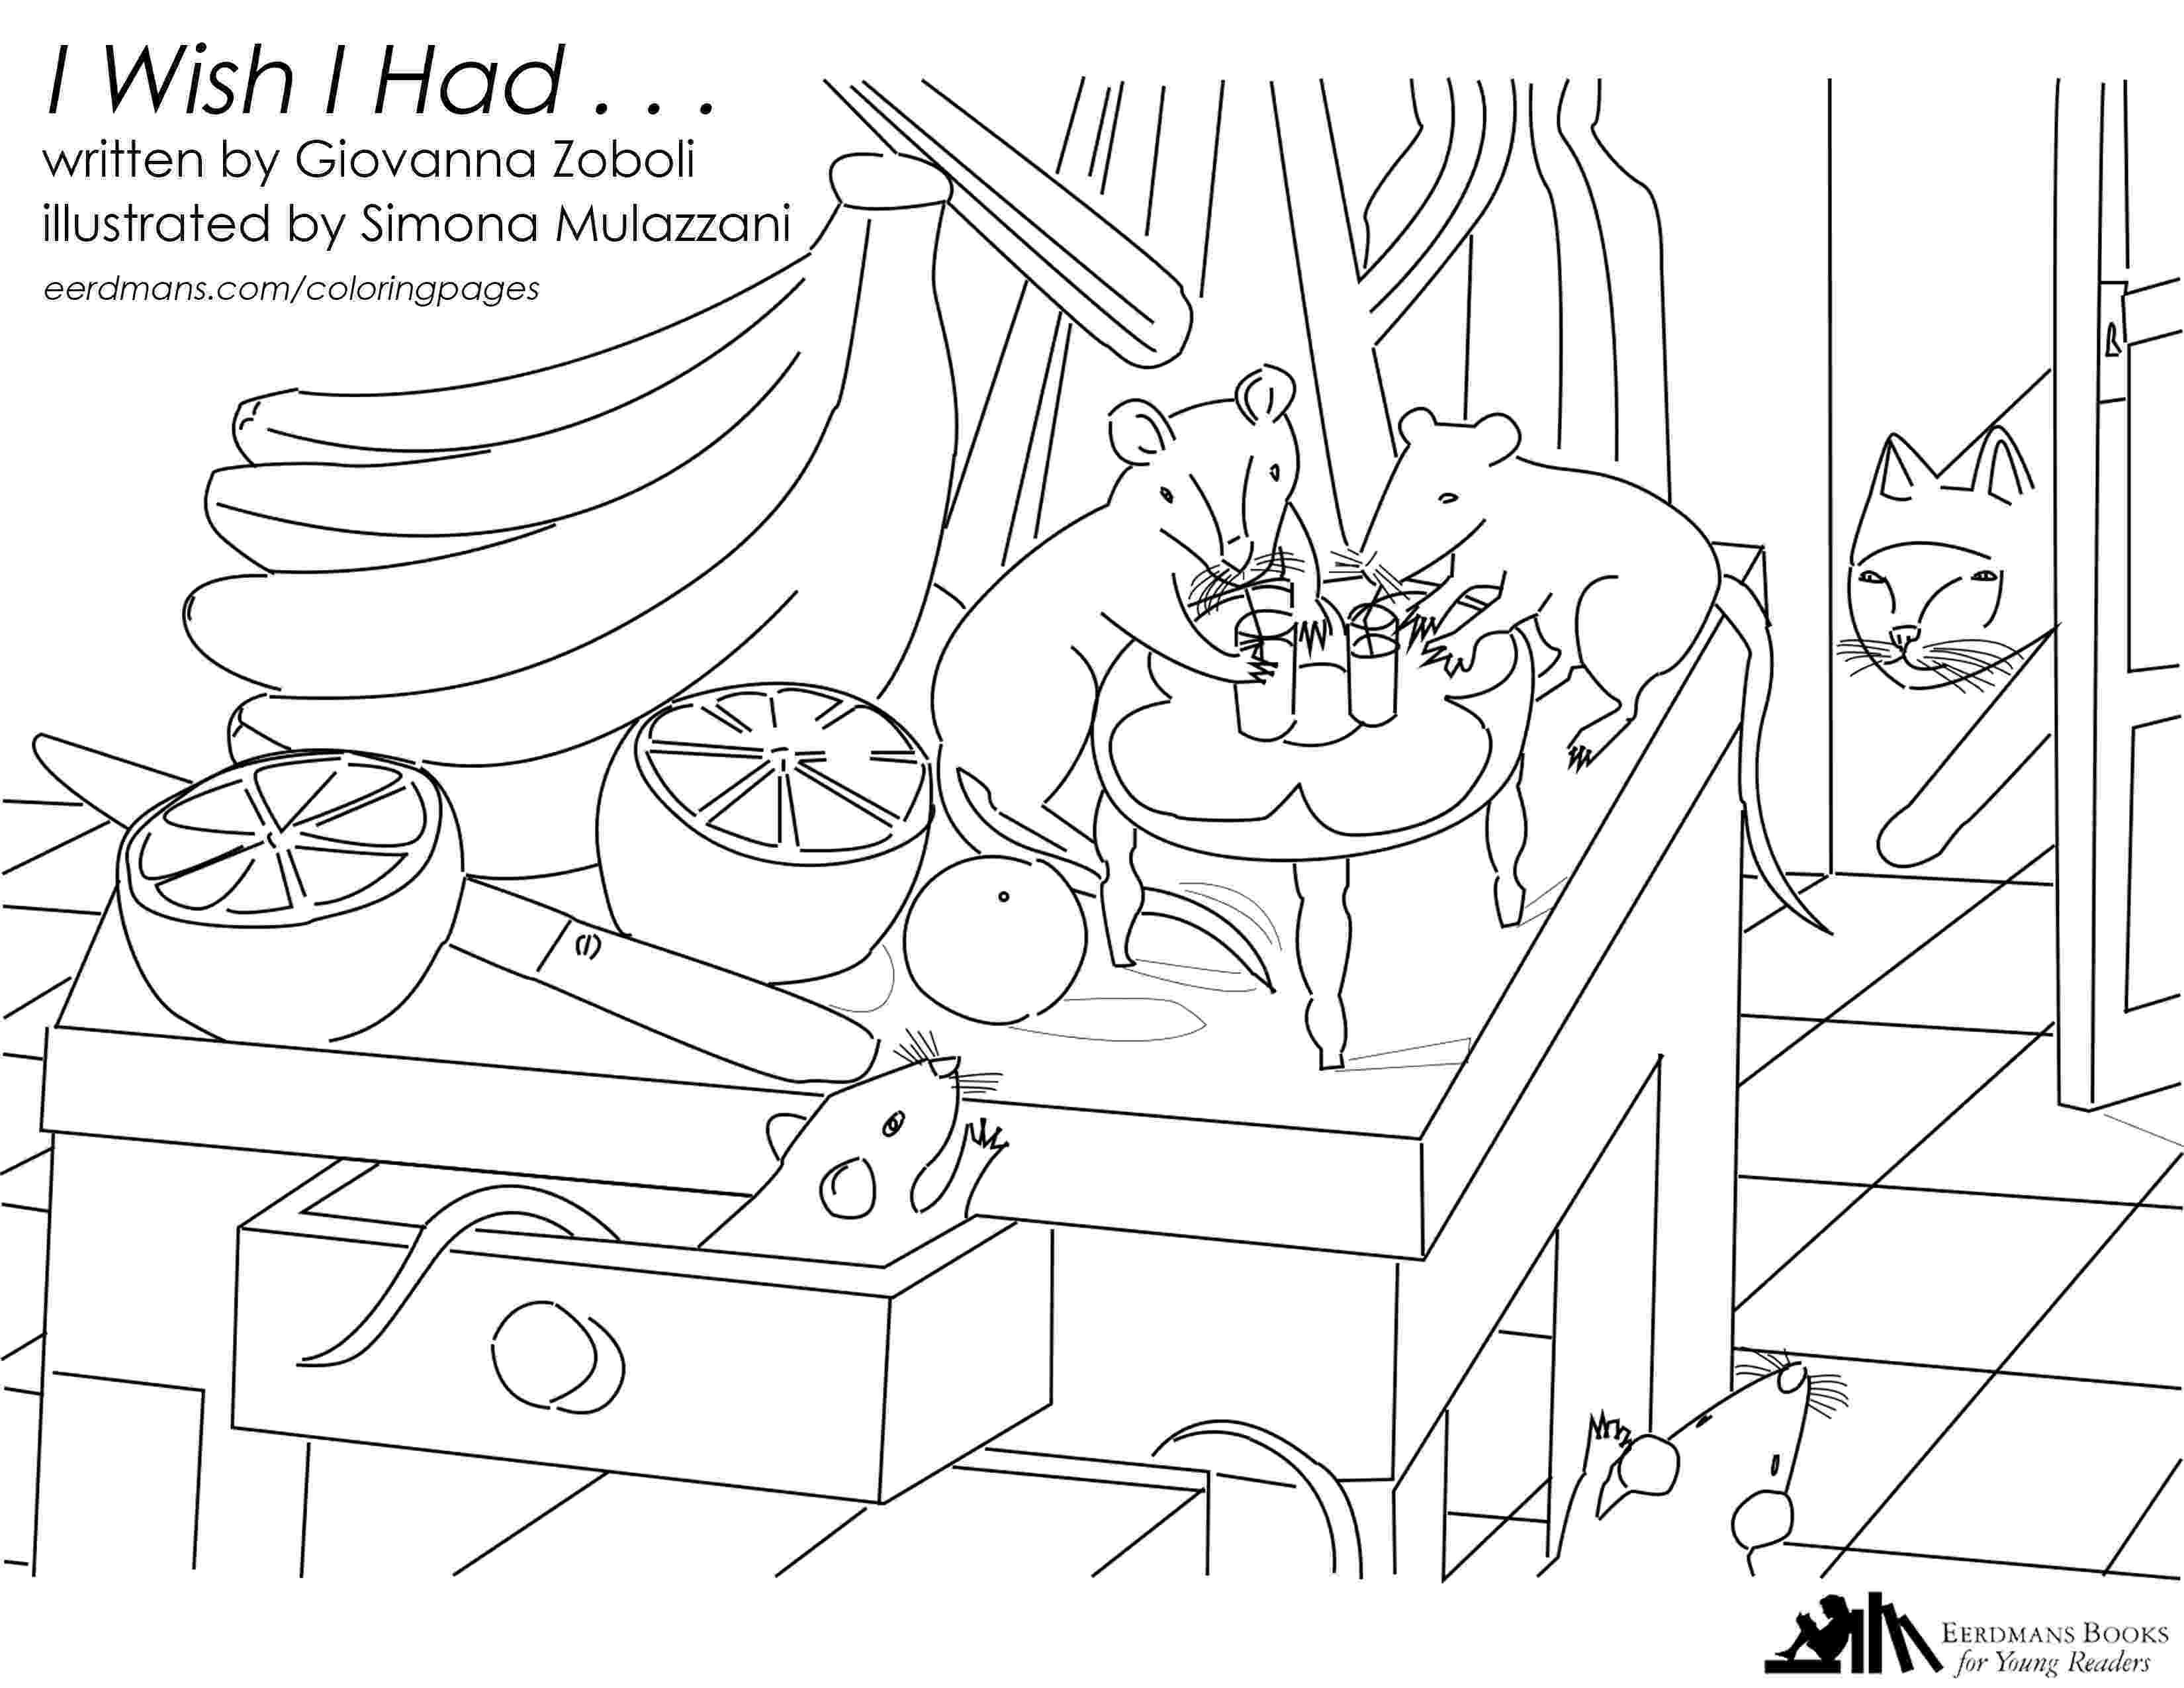 henri rousseau coloring pages 48 henri rousseau coloring pages henr rousseau colouring rousseau coloring pages henri